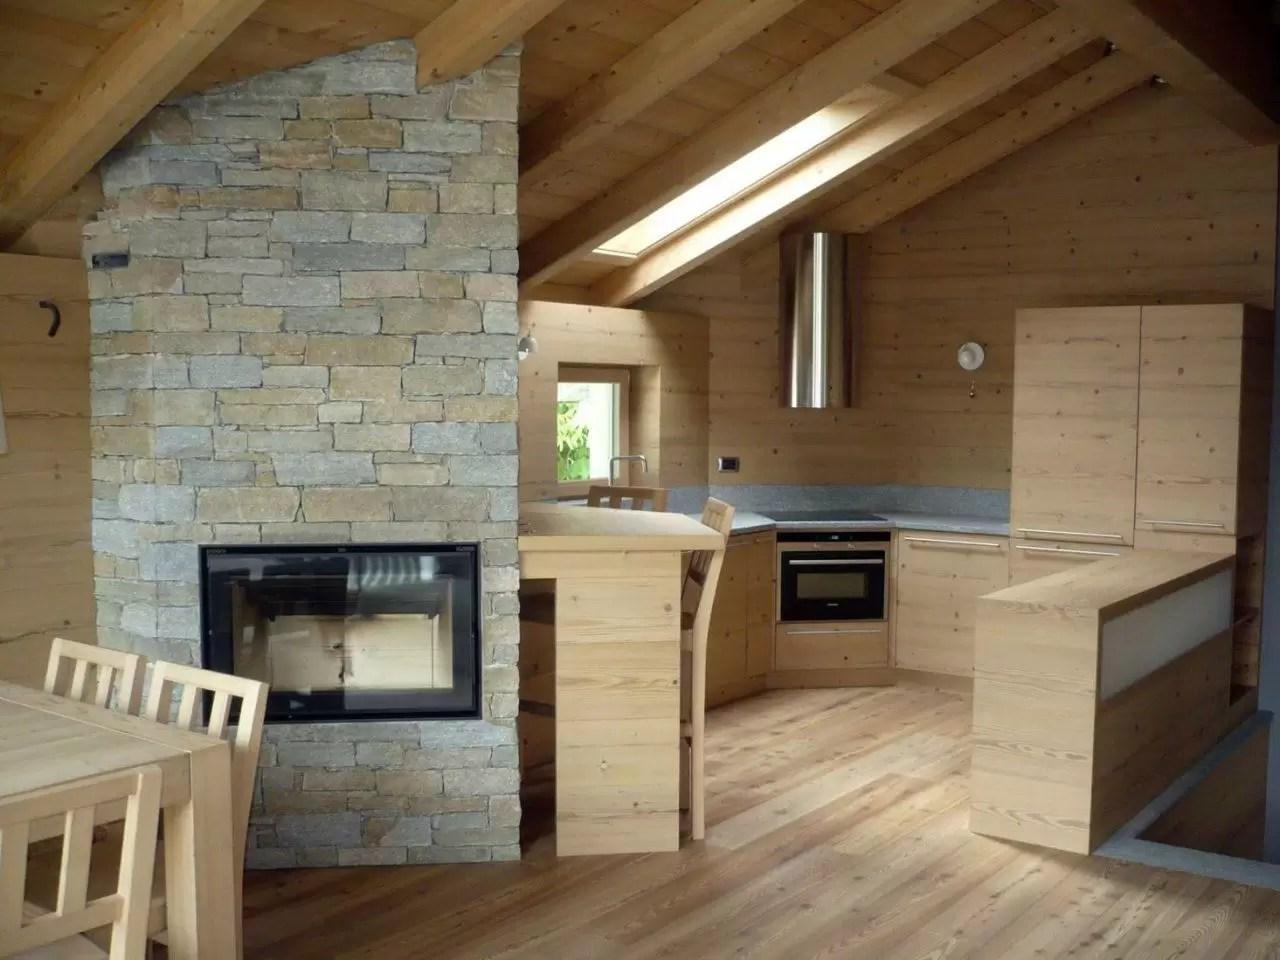 Un loft in legno nel sottotetto  Mansardait